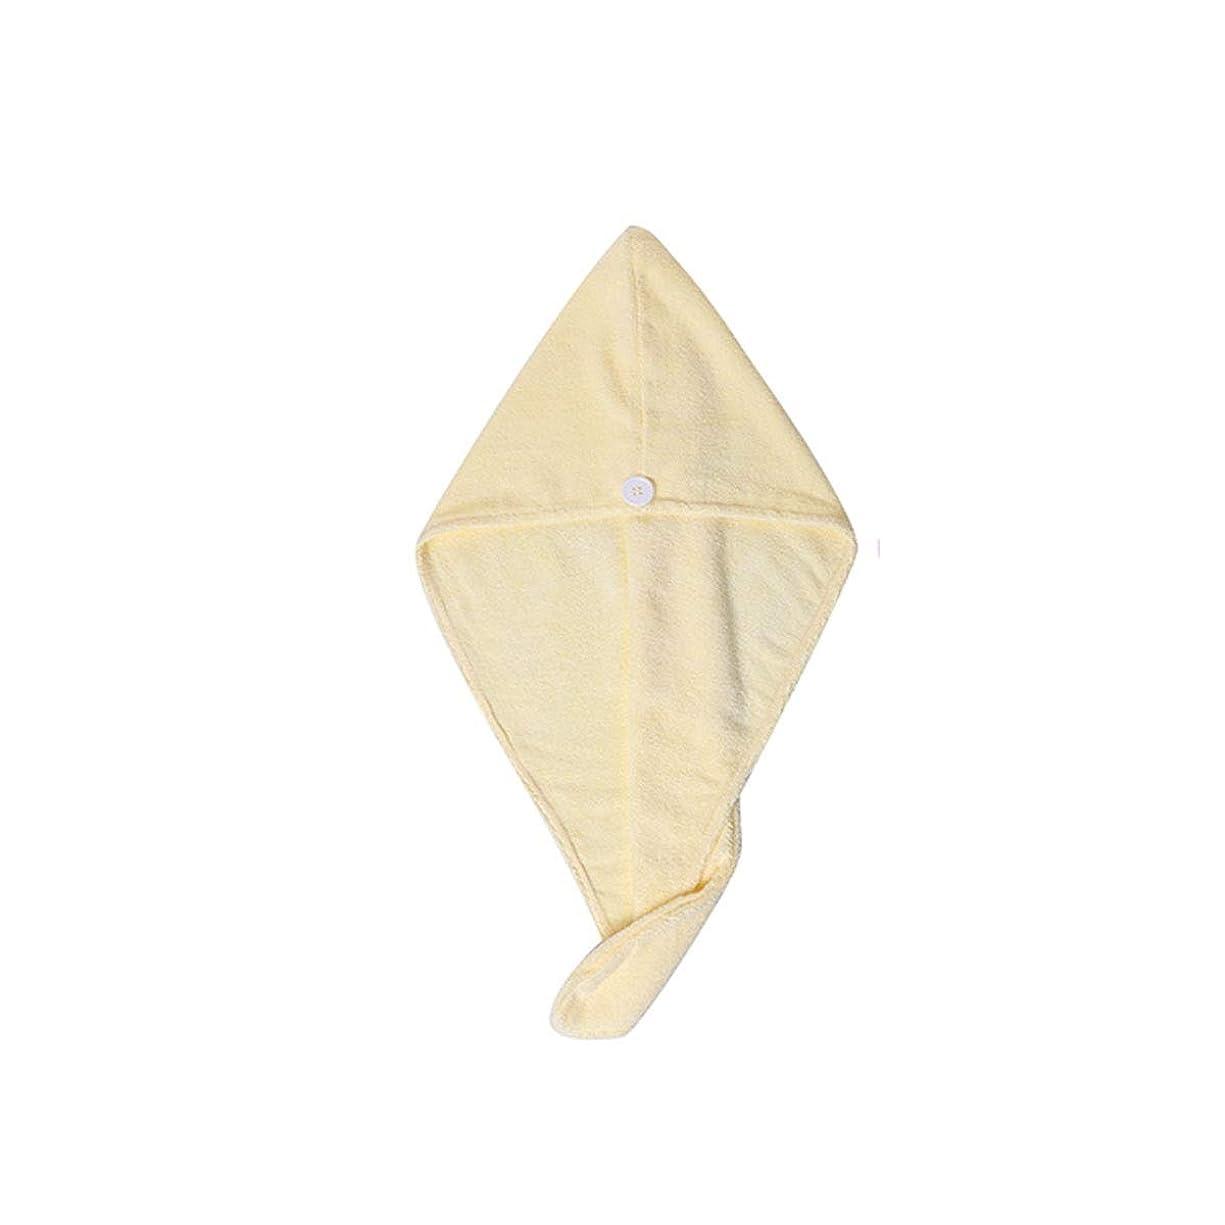 企業パイント出血XiaoNUO シャワーキャップ、乾いた髪のキャップ、女性用軟吸収剤および速乾性シャワーキャップ、タオル1枚、フード付きシャワーキャップ、ピンク、黄色、紫 髪を乾いた状態に保ちます。 (Color : Yellow)